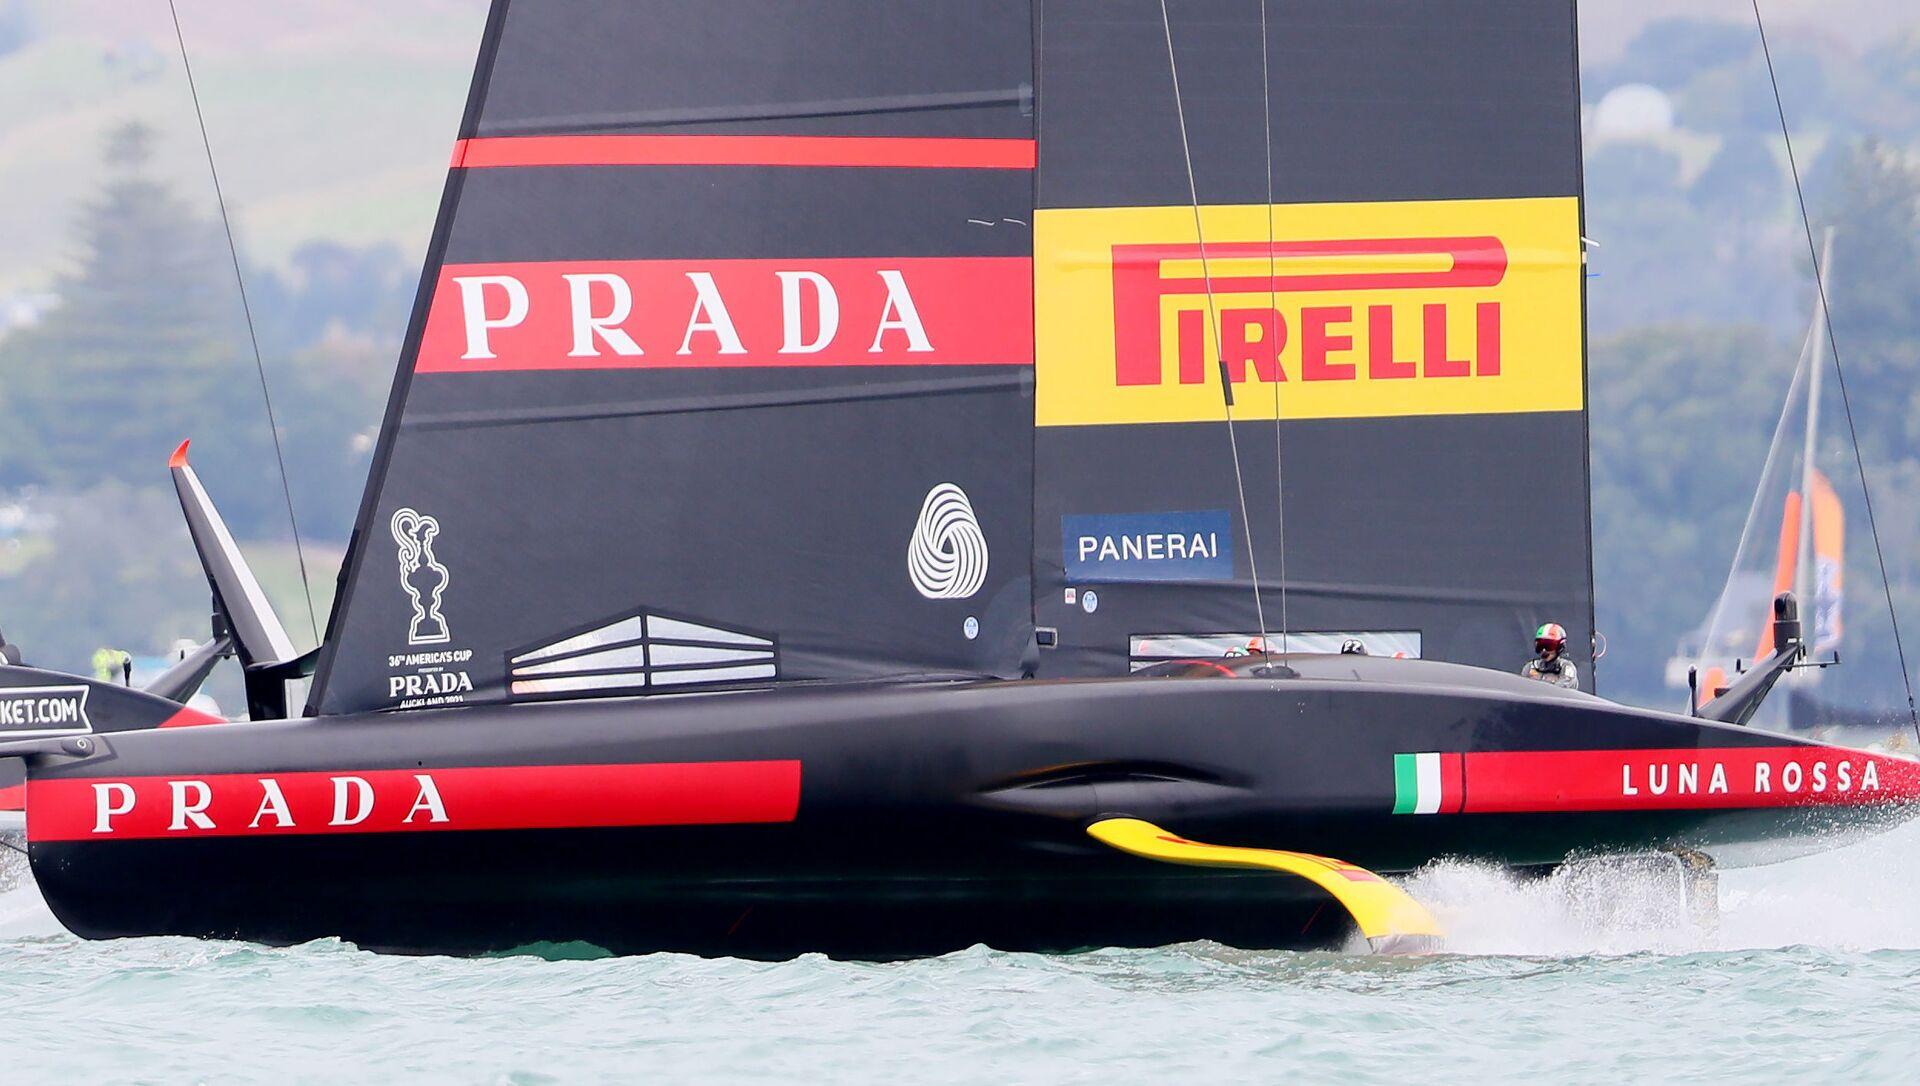 Luna Rossa Prada Pirelli  - Sputnik Italia, 1920, 13.03.2021